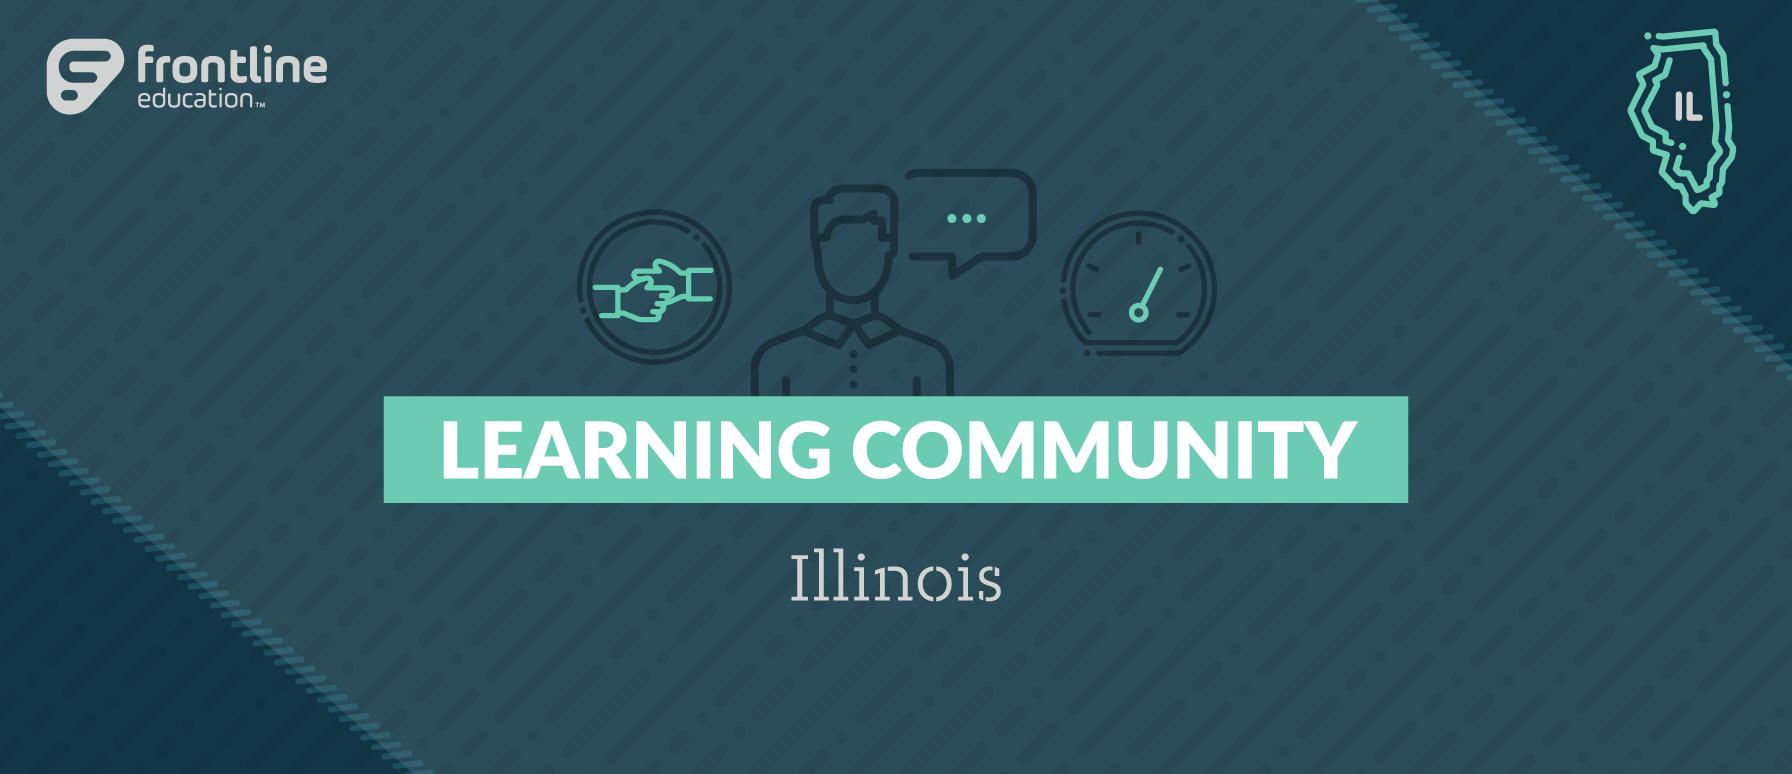 Illinois Learning Community